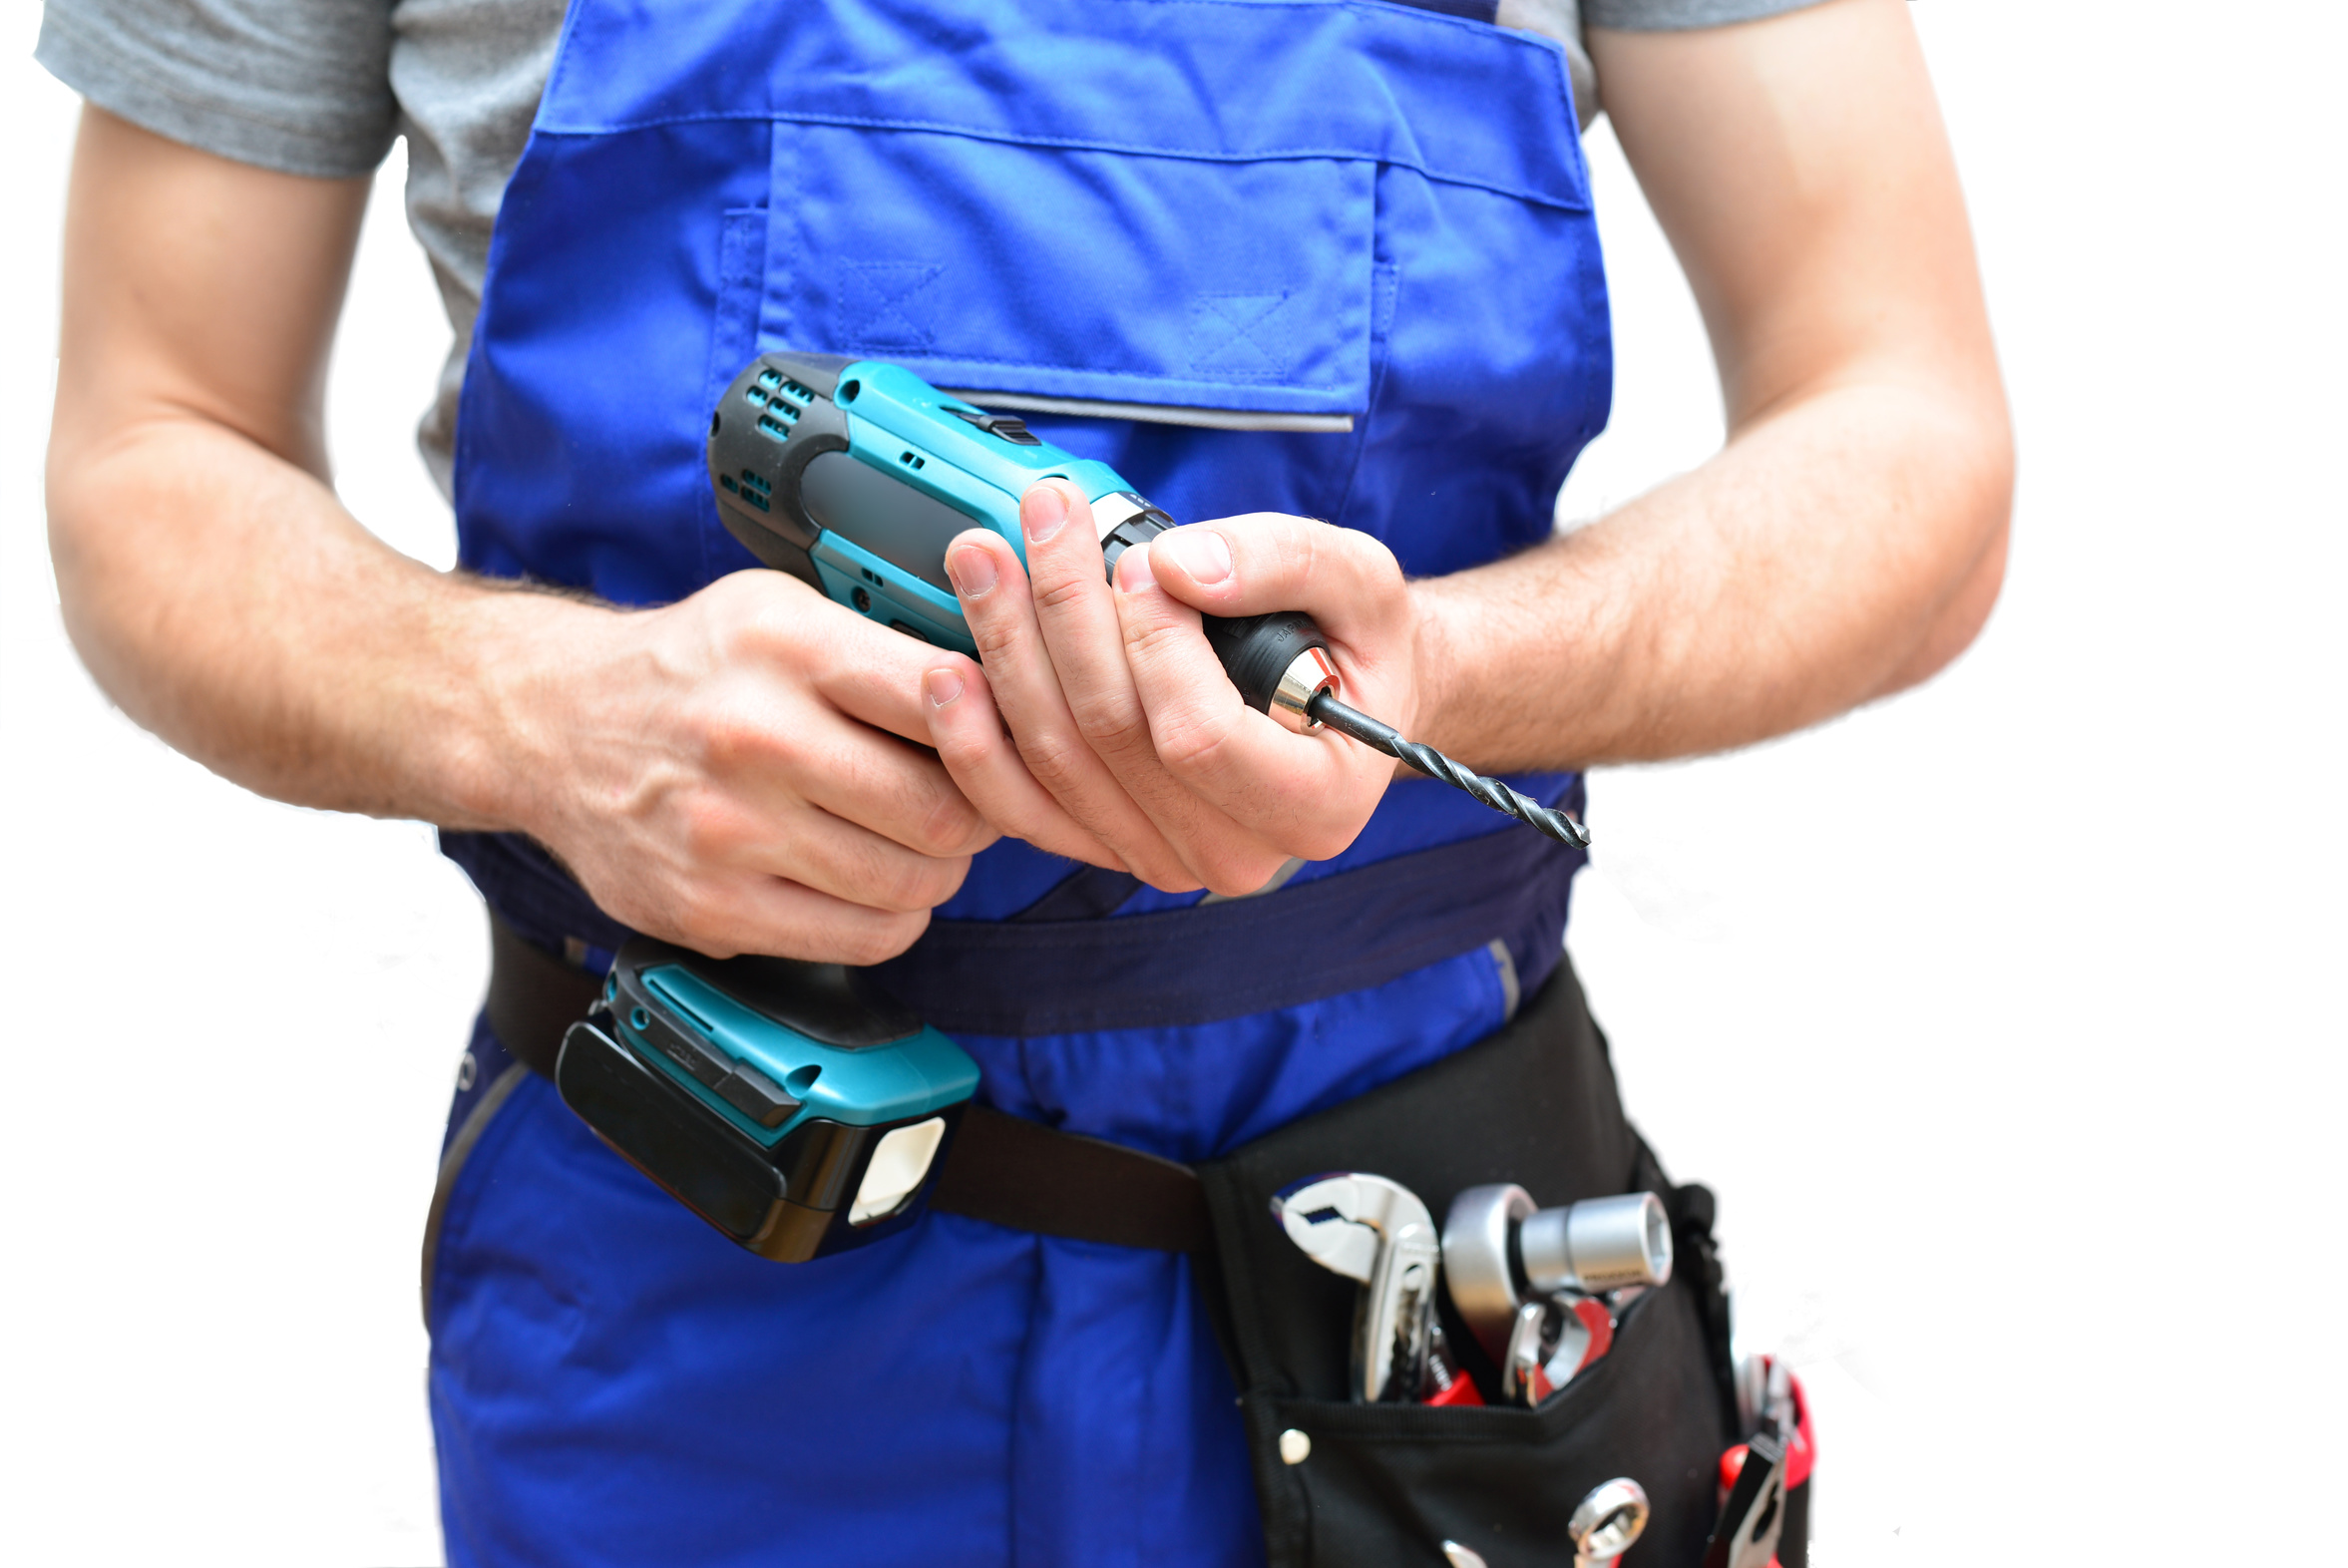 Handwerker mit Akkuschrauber und Werkzeuggürtel